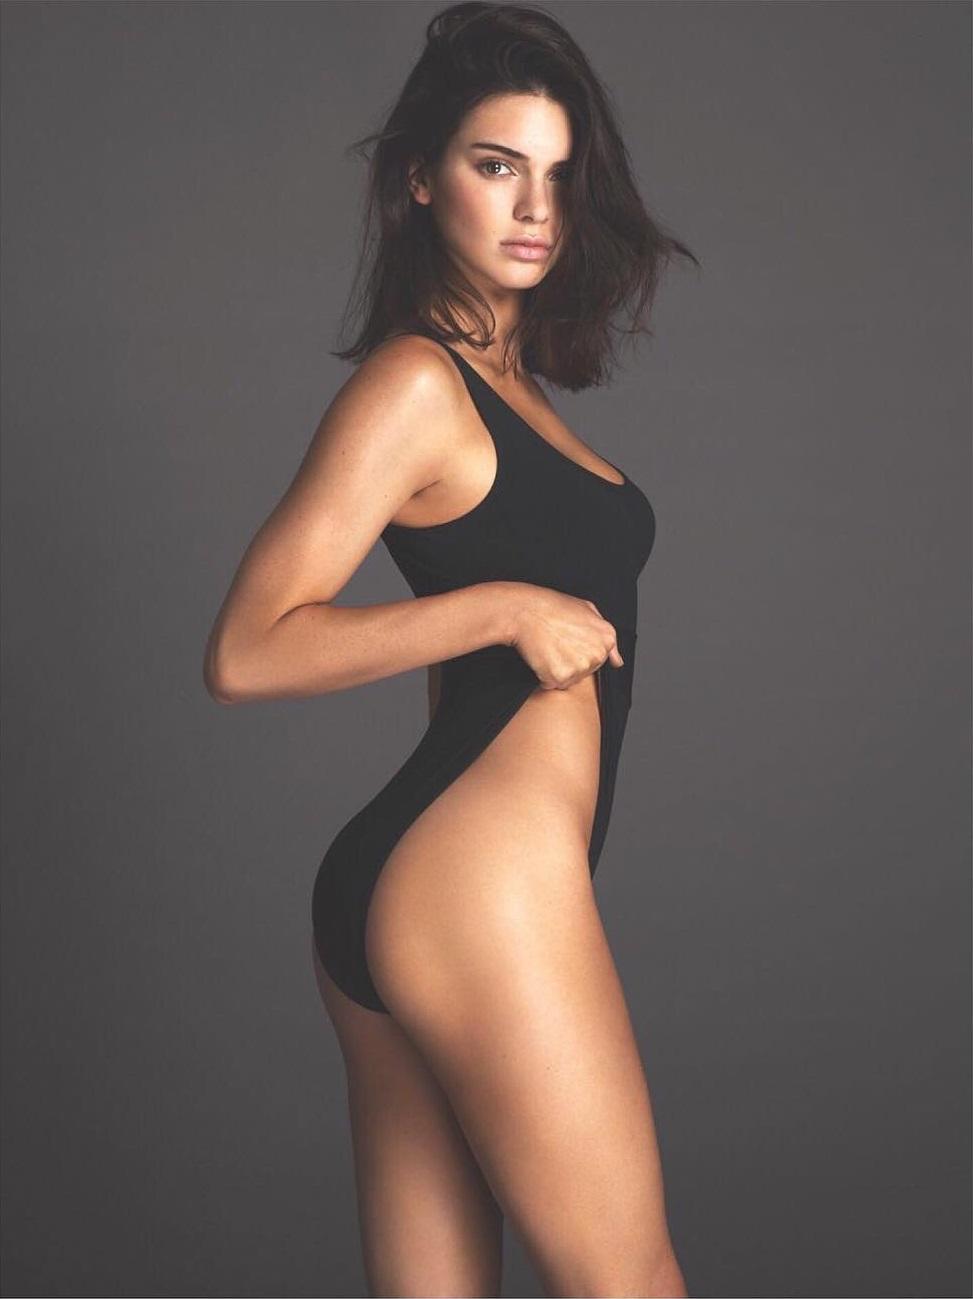 Dünyaca ünlü güzel ve başarılı model Kendall Jenner sexy siyah mayosu ile çok cesur pozlar verdi. HD foto galeriyi görüntülemek için buraya tıklayın.